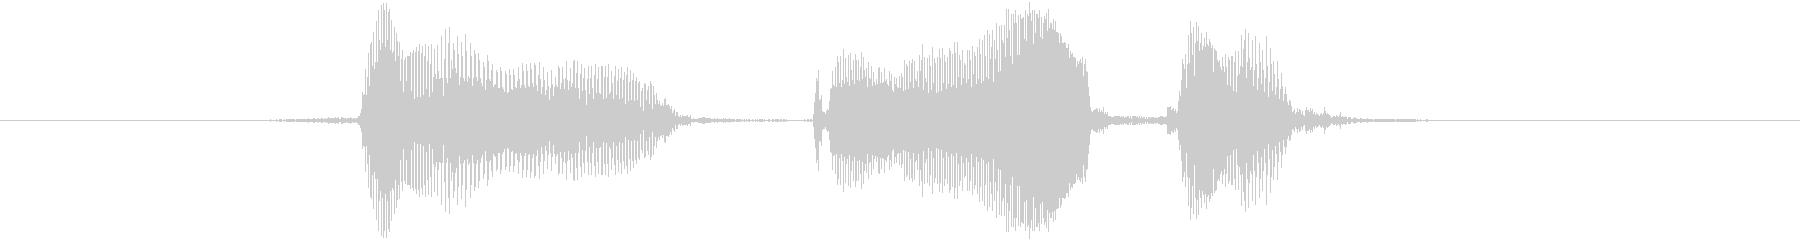 フォーカードの未再生の波形